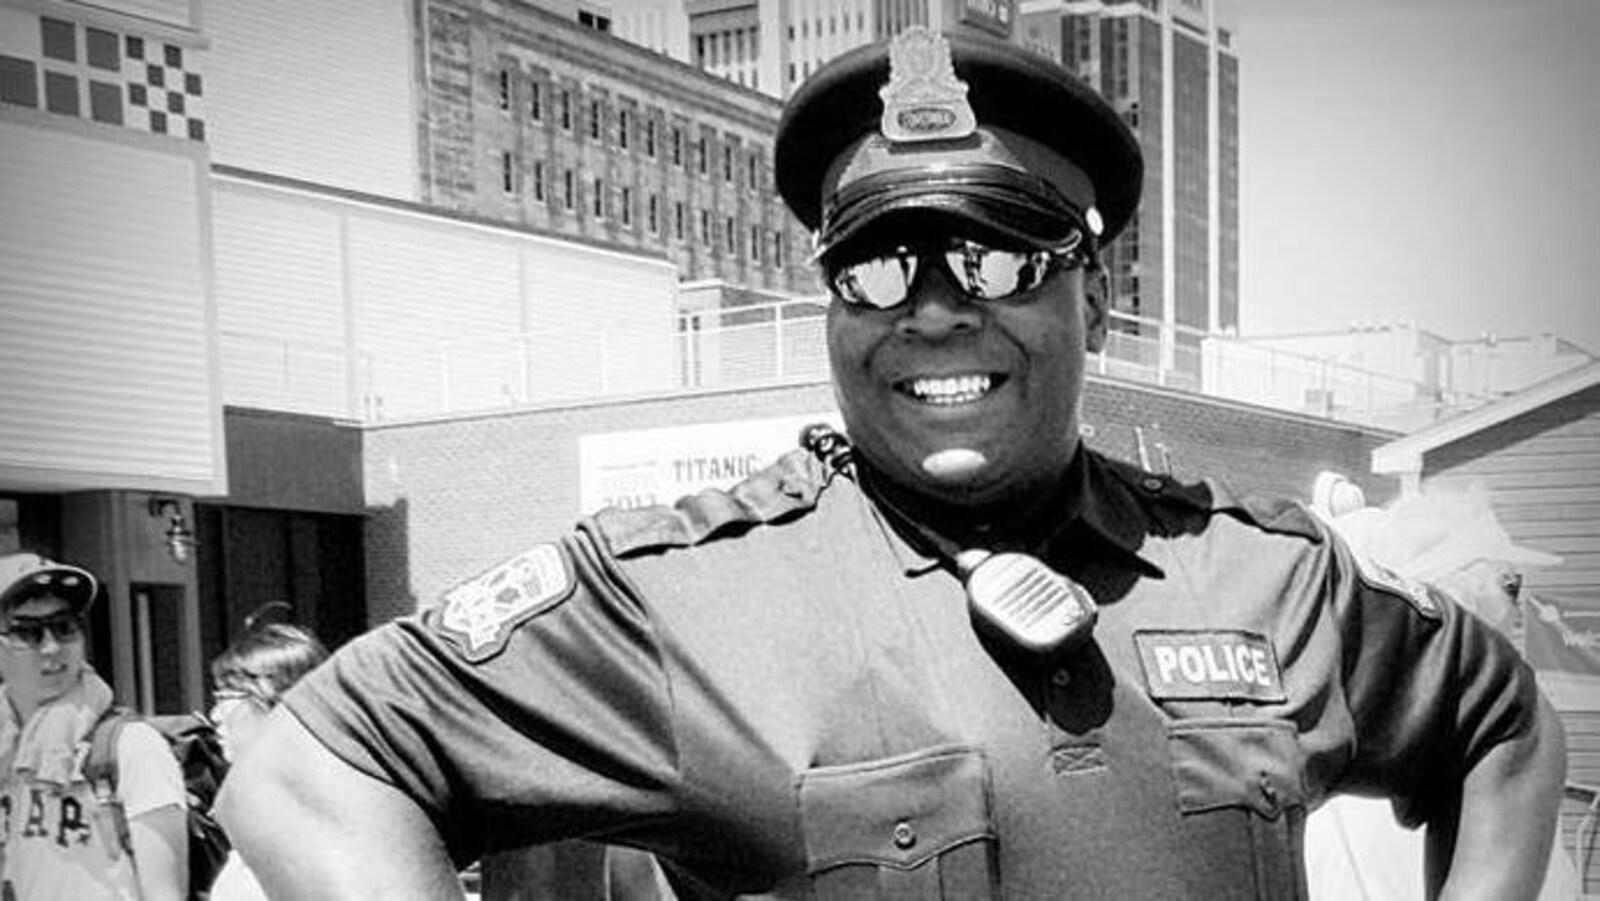 Le constable George Farmer fait face à divers chefs d'accusation, dont voyeurisme.